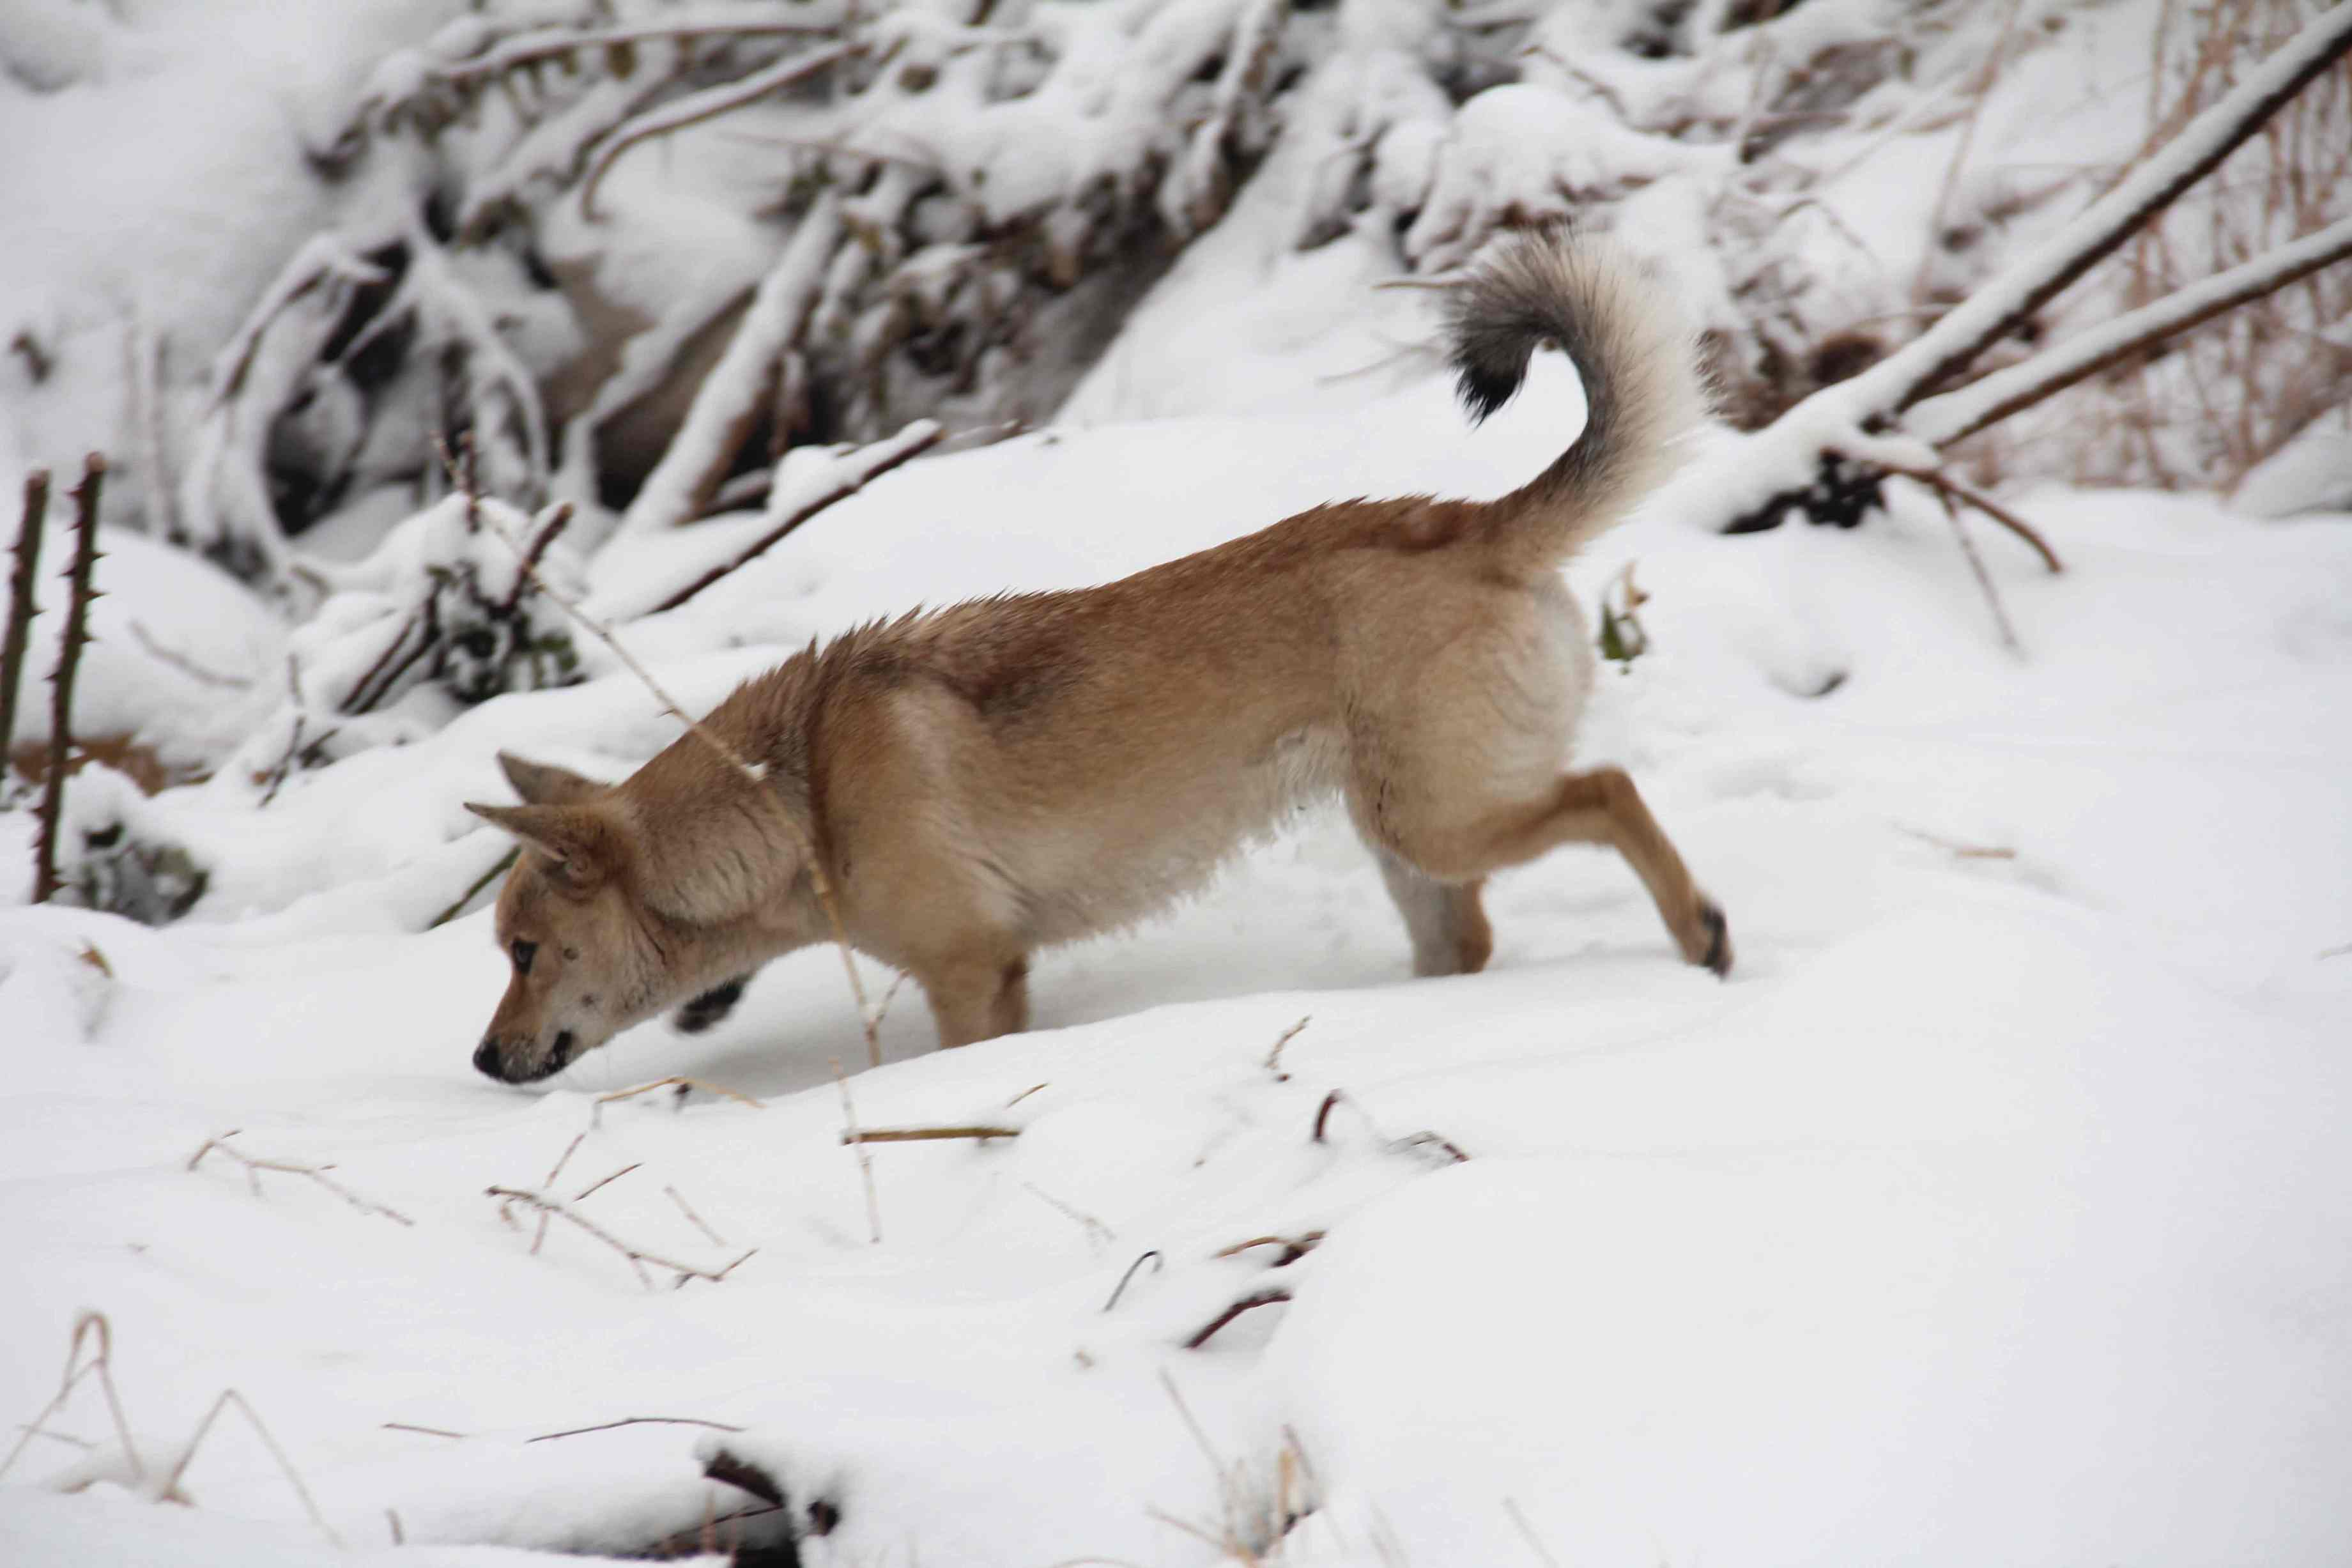 雪地压成动物图片